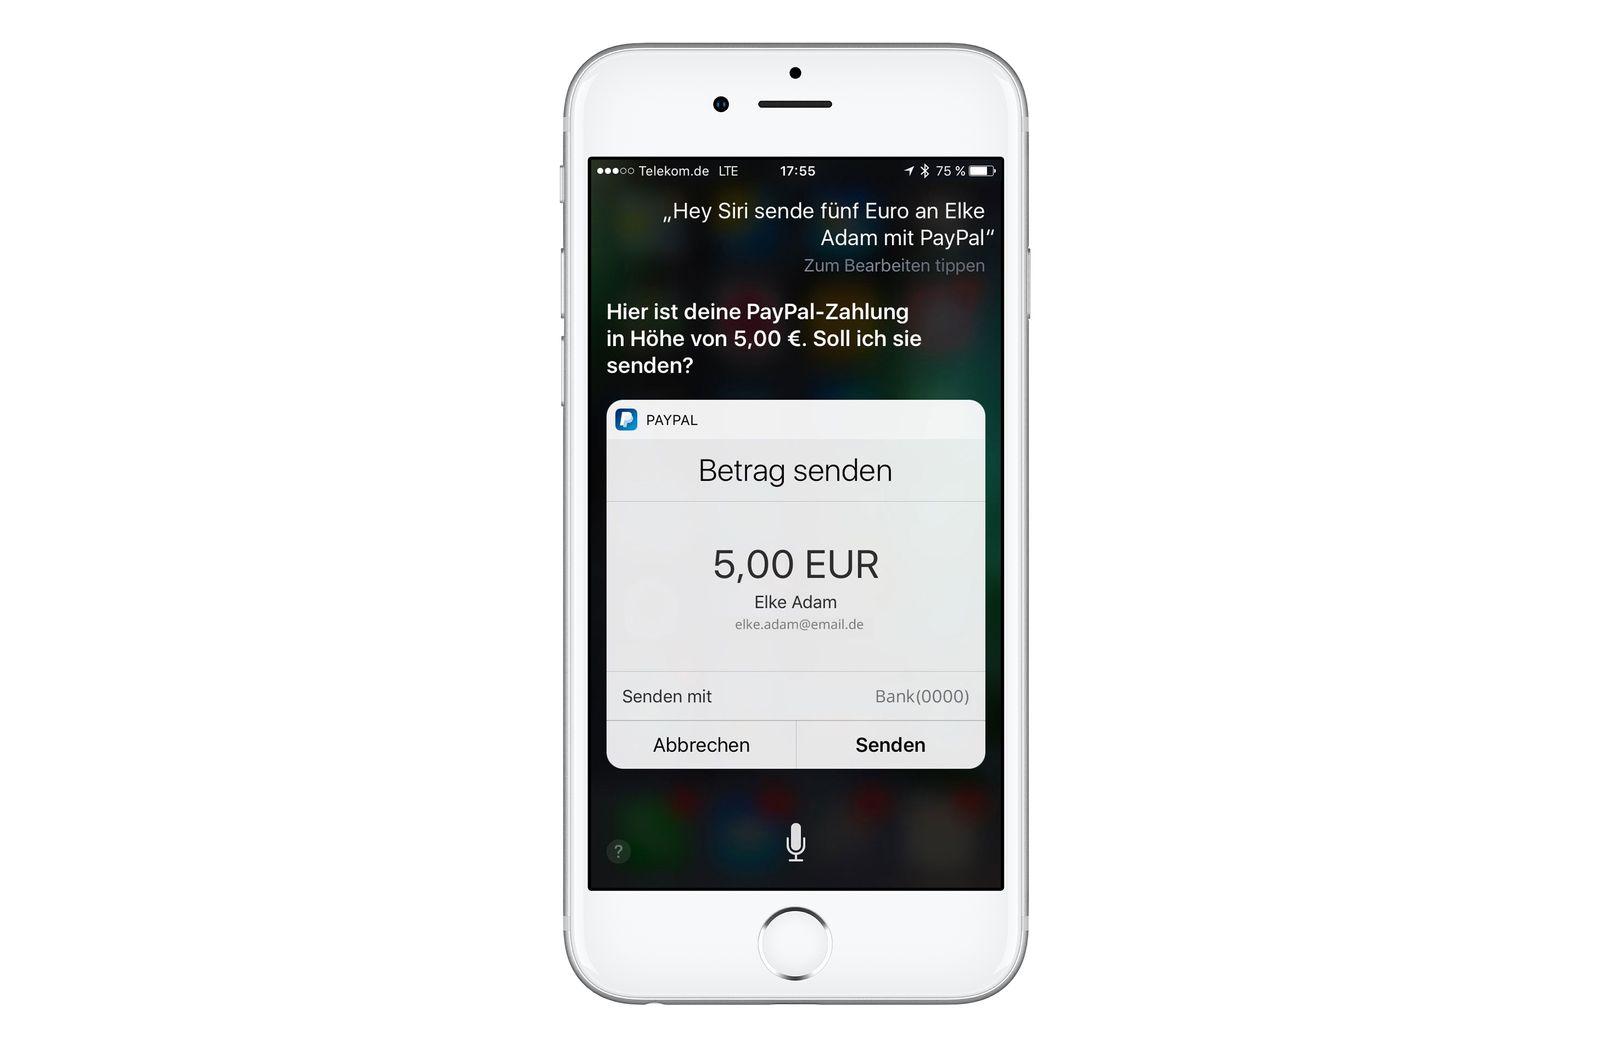 PayPal und Siri/ Sperrfrist 10.11. 7 Uhr